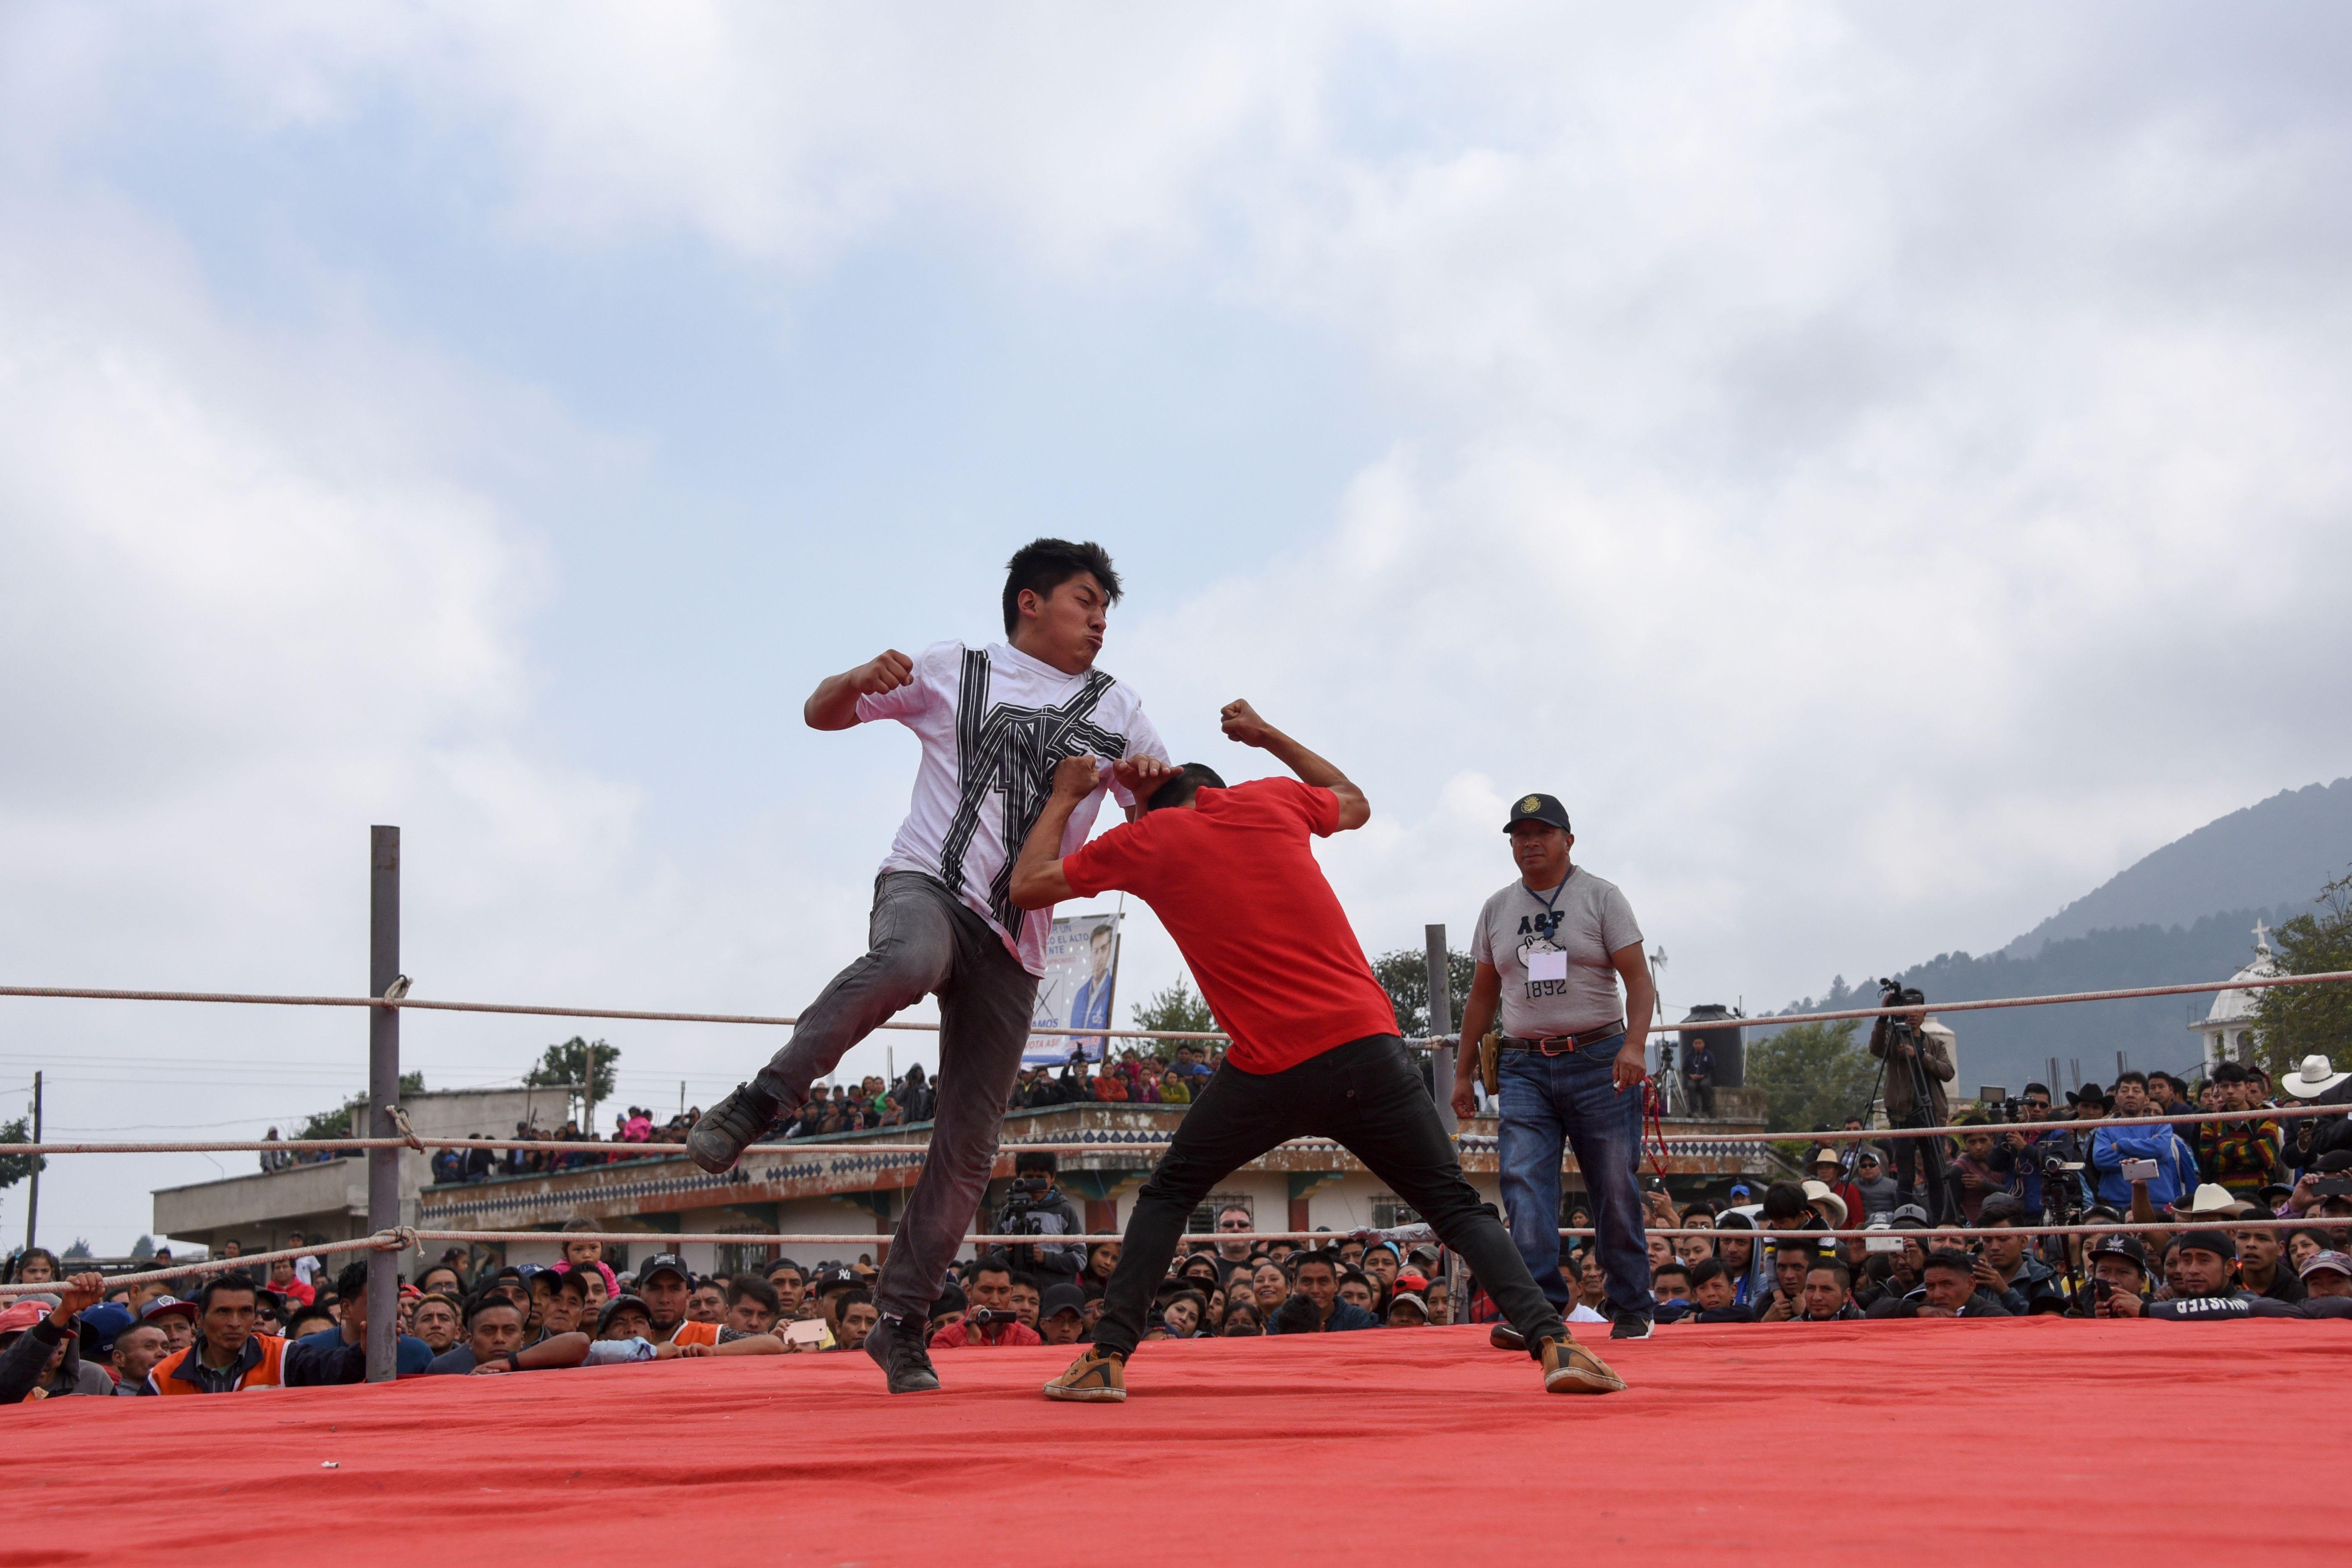 En la aldea Chivarreto los hombres se baten en combate como parte de una tradción de Viernes Santo. (Foto Prensa Libre: AFP)